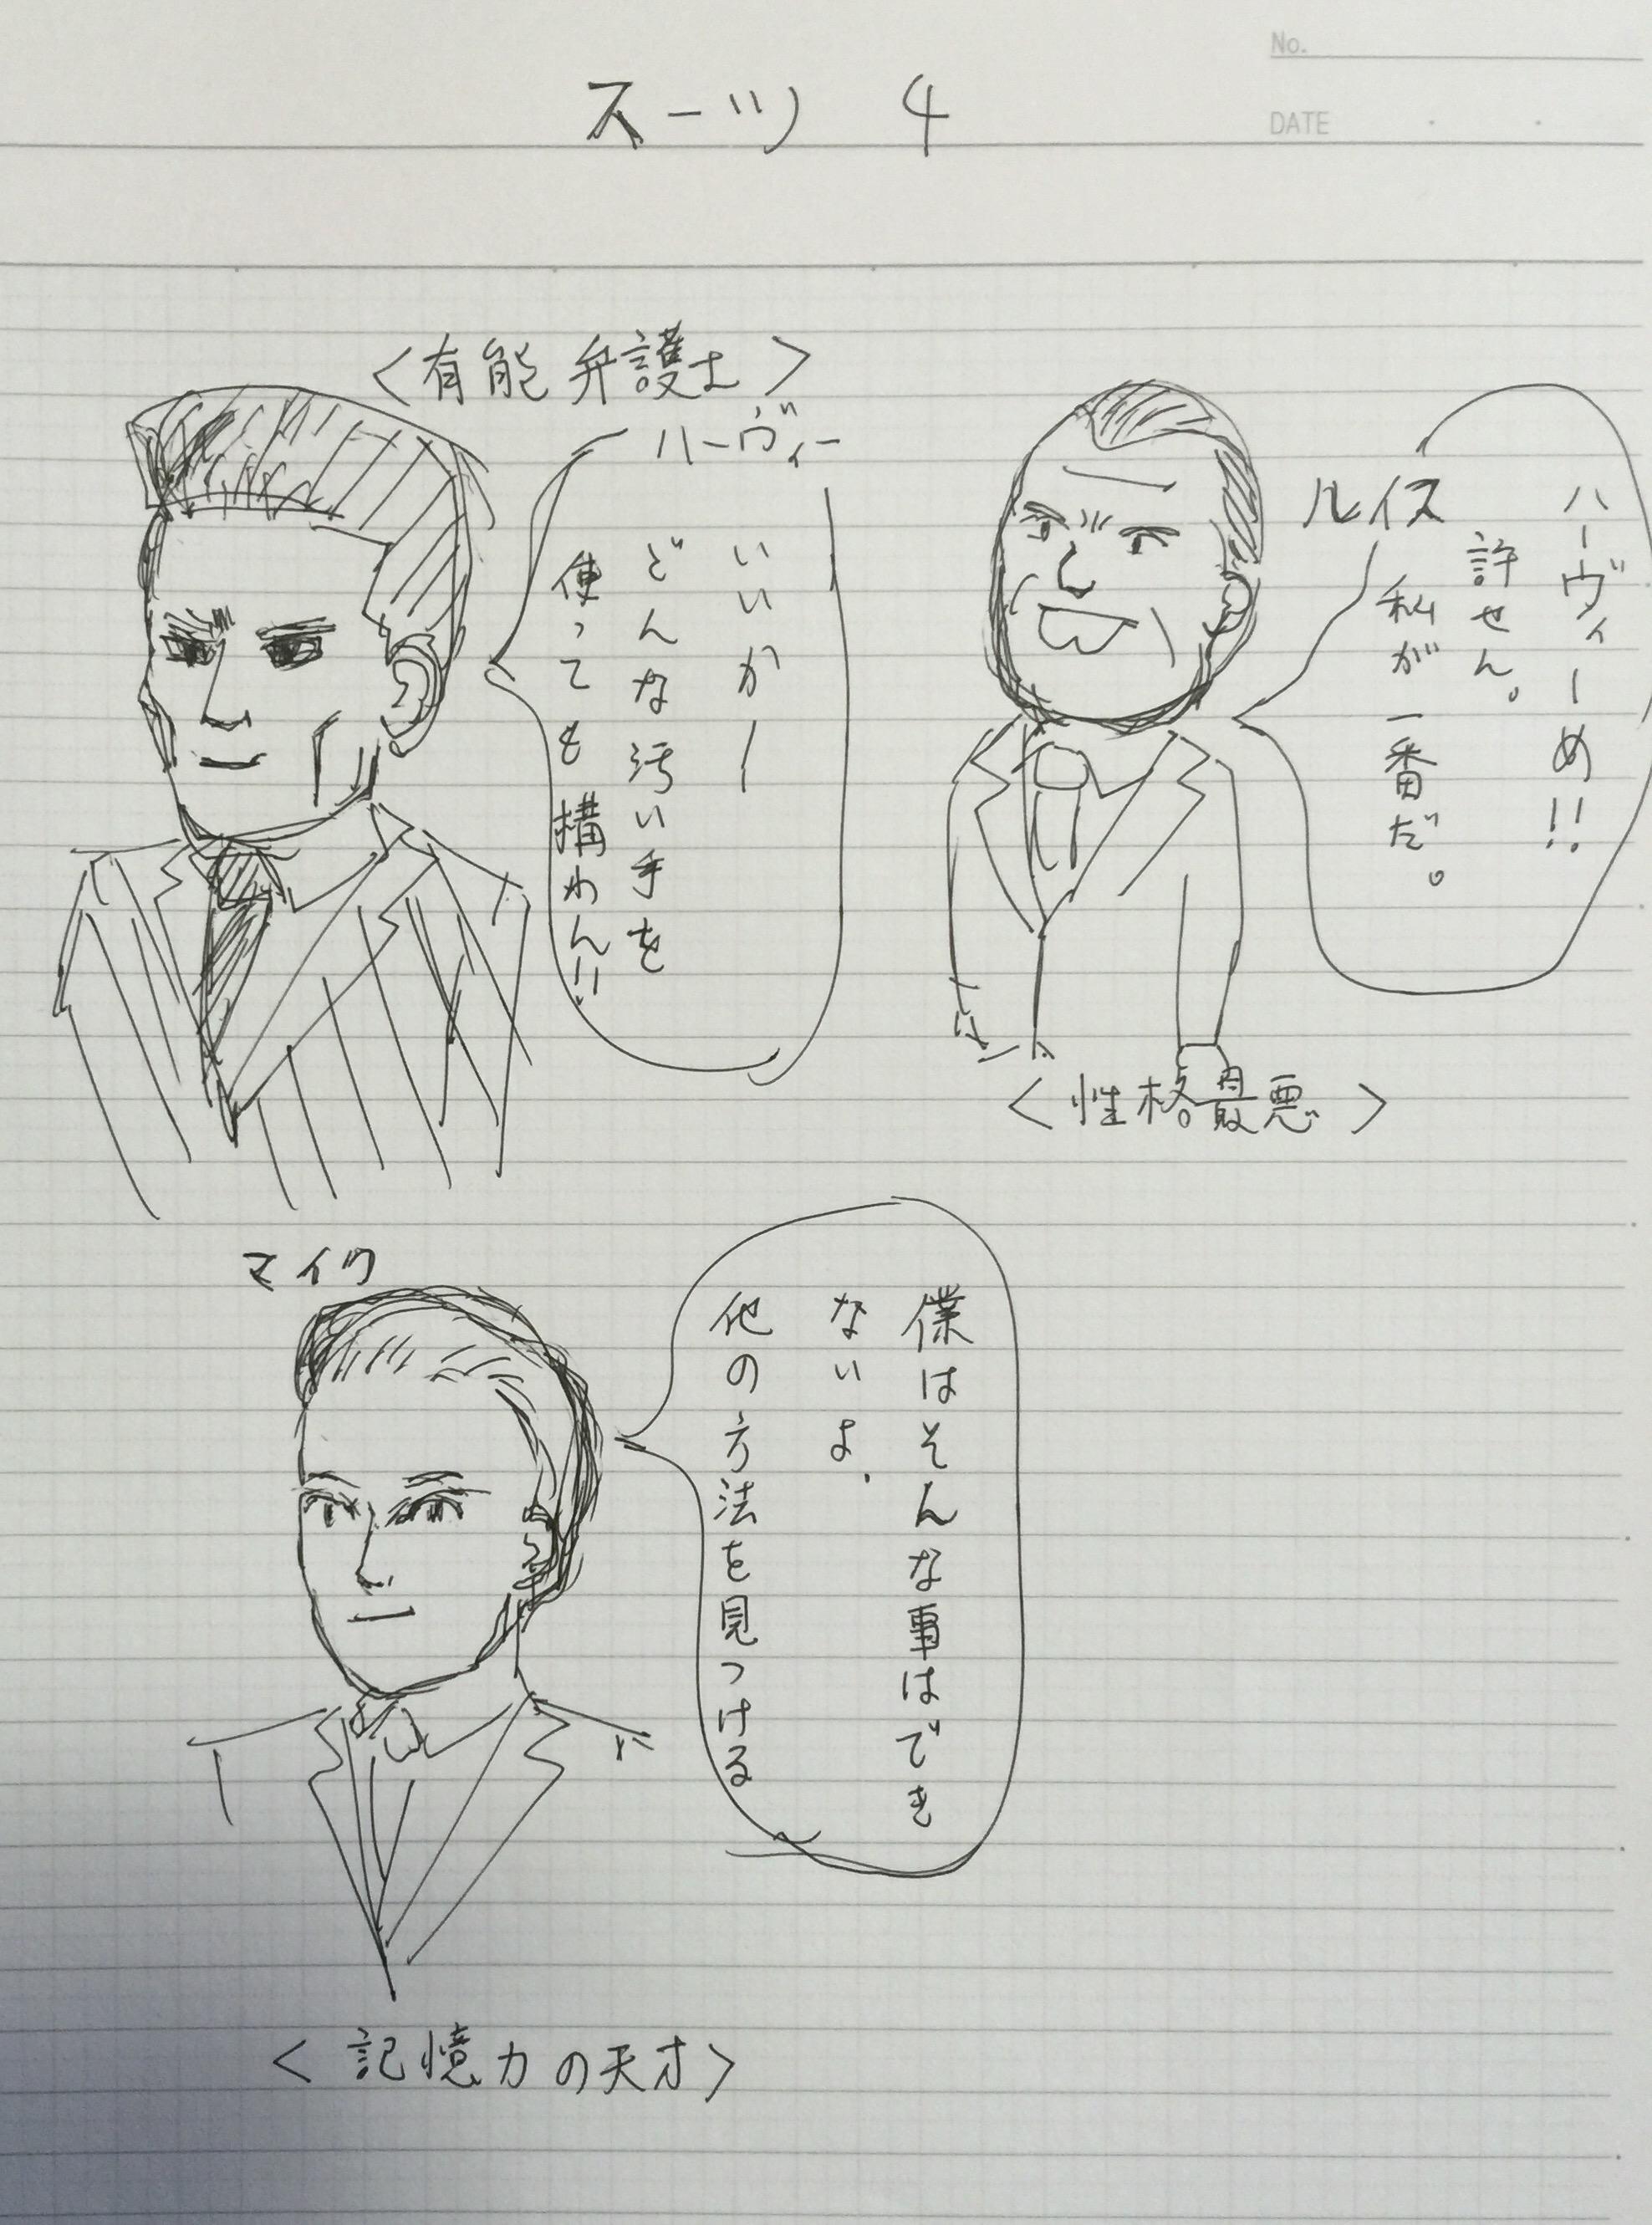 役 スーツ カトリーナ